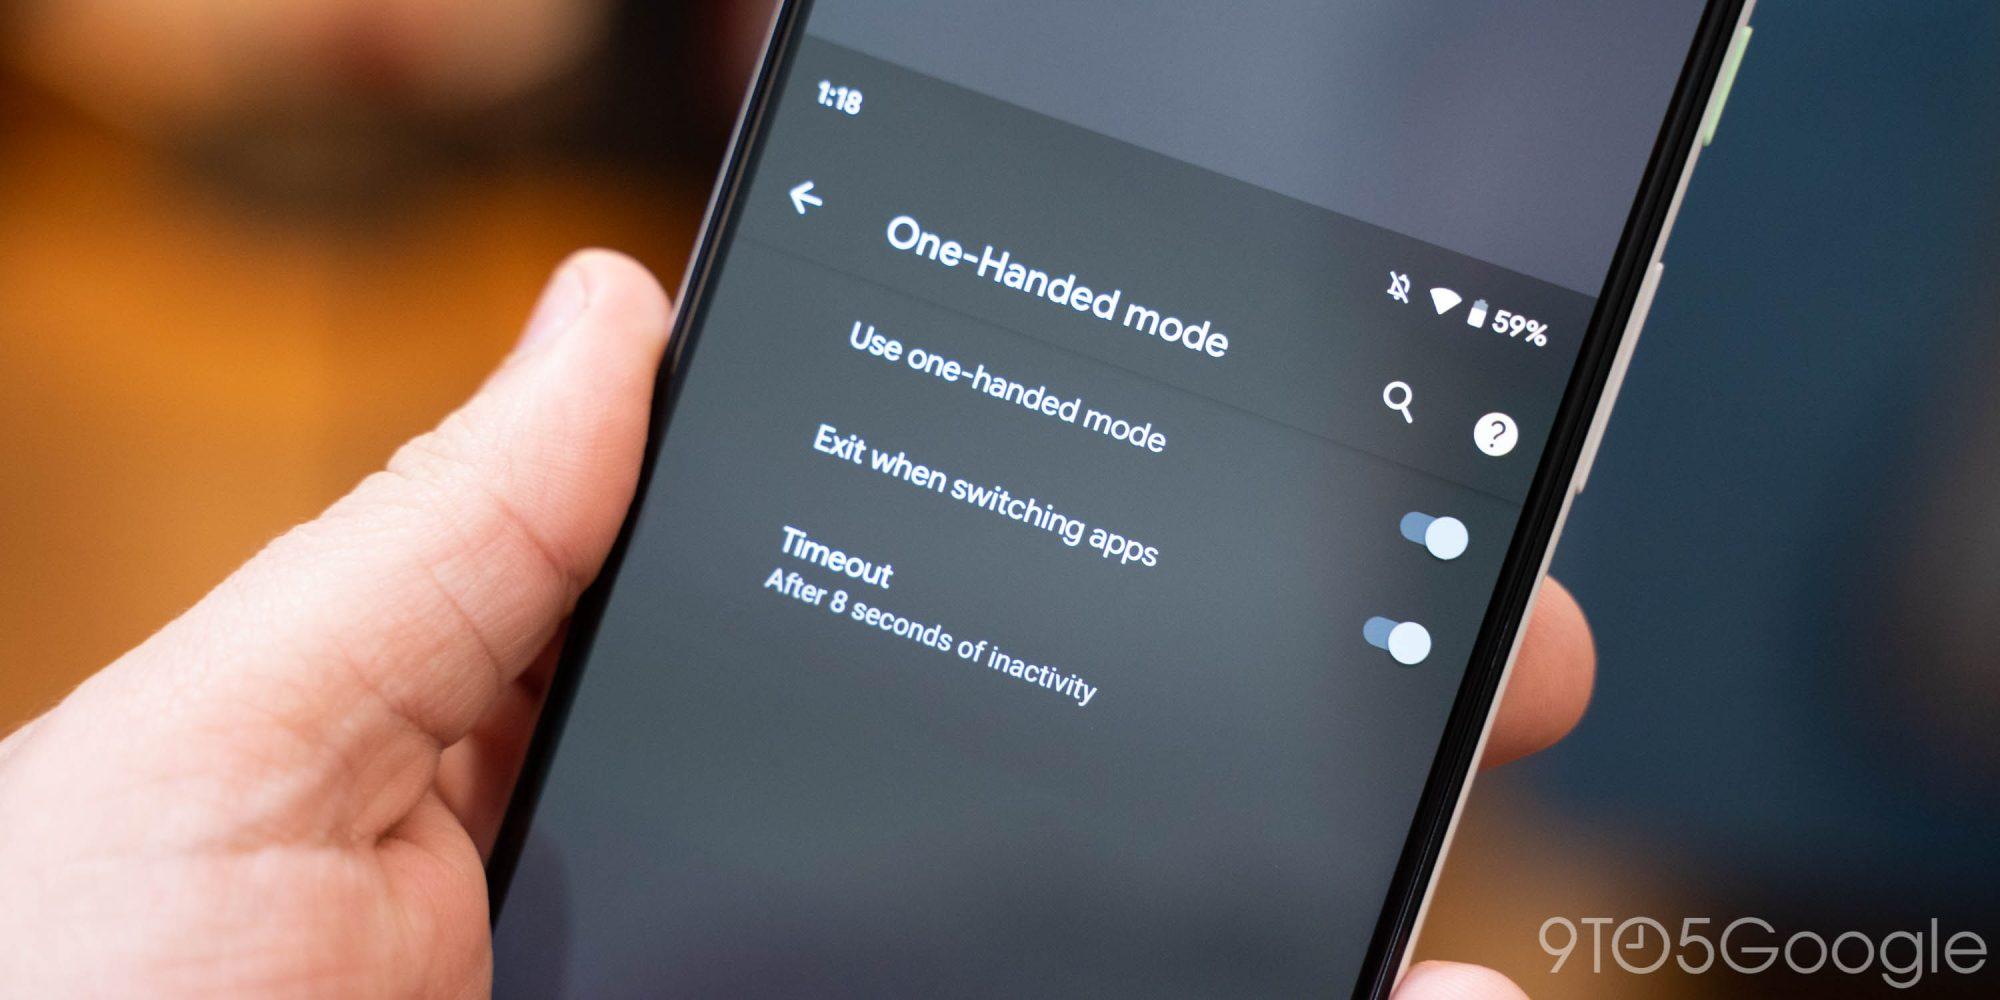 Tela de smartphone mostrando o novo modo de uma mão em um sistema Android 12